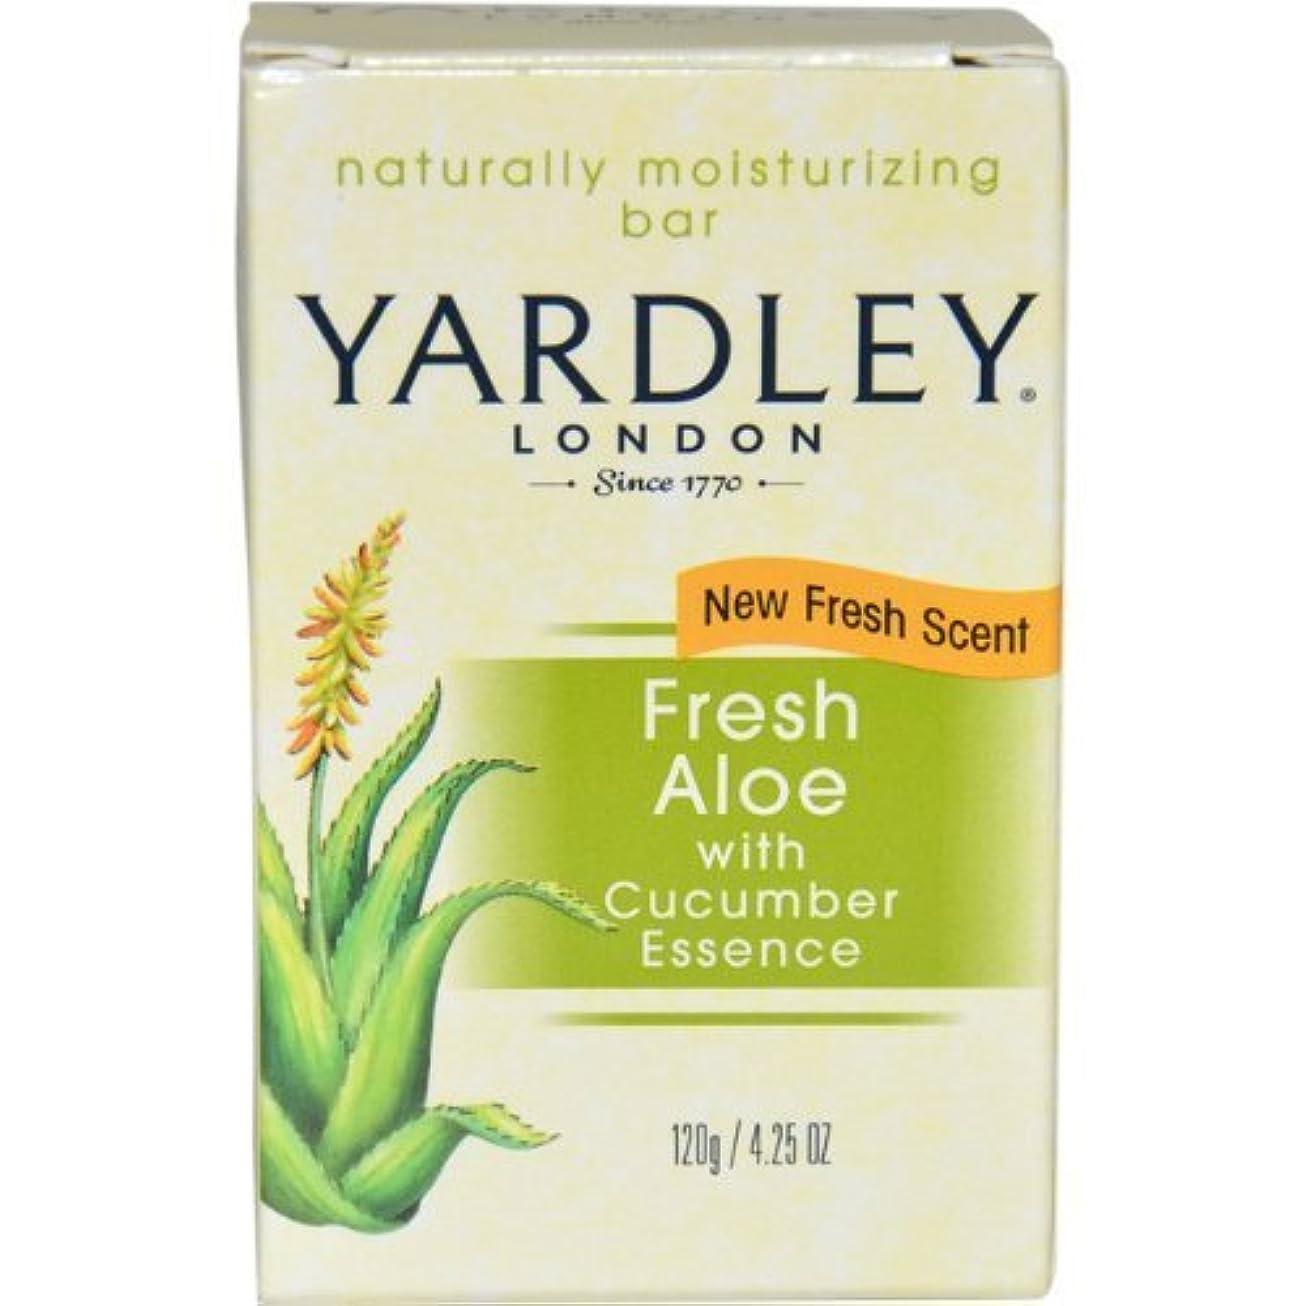 思われるペース人物Fresh Aloe with Cucumber Essence Bar Soap Soap Unisex by Yardley, 4.25 Ounce (Packaging May Vary) by Yardley [...